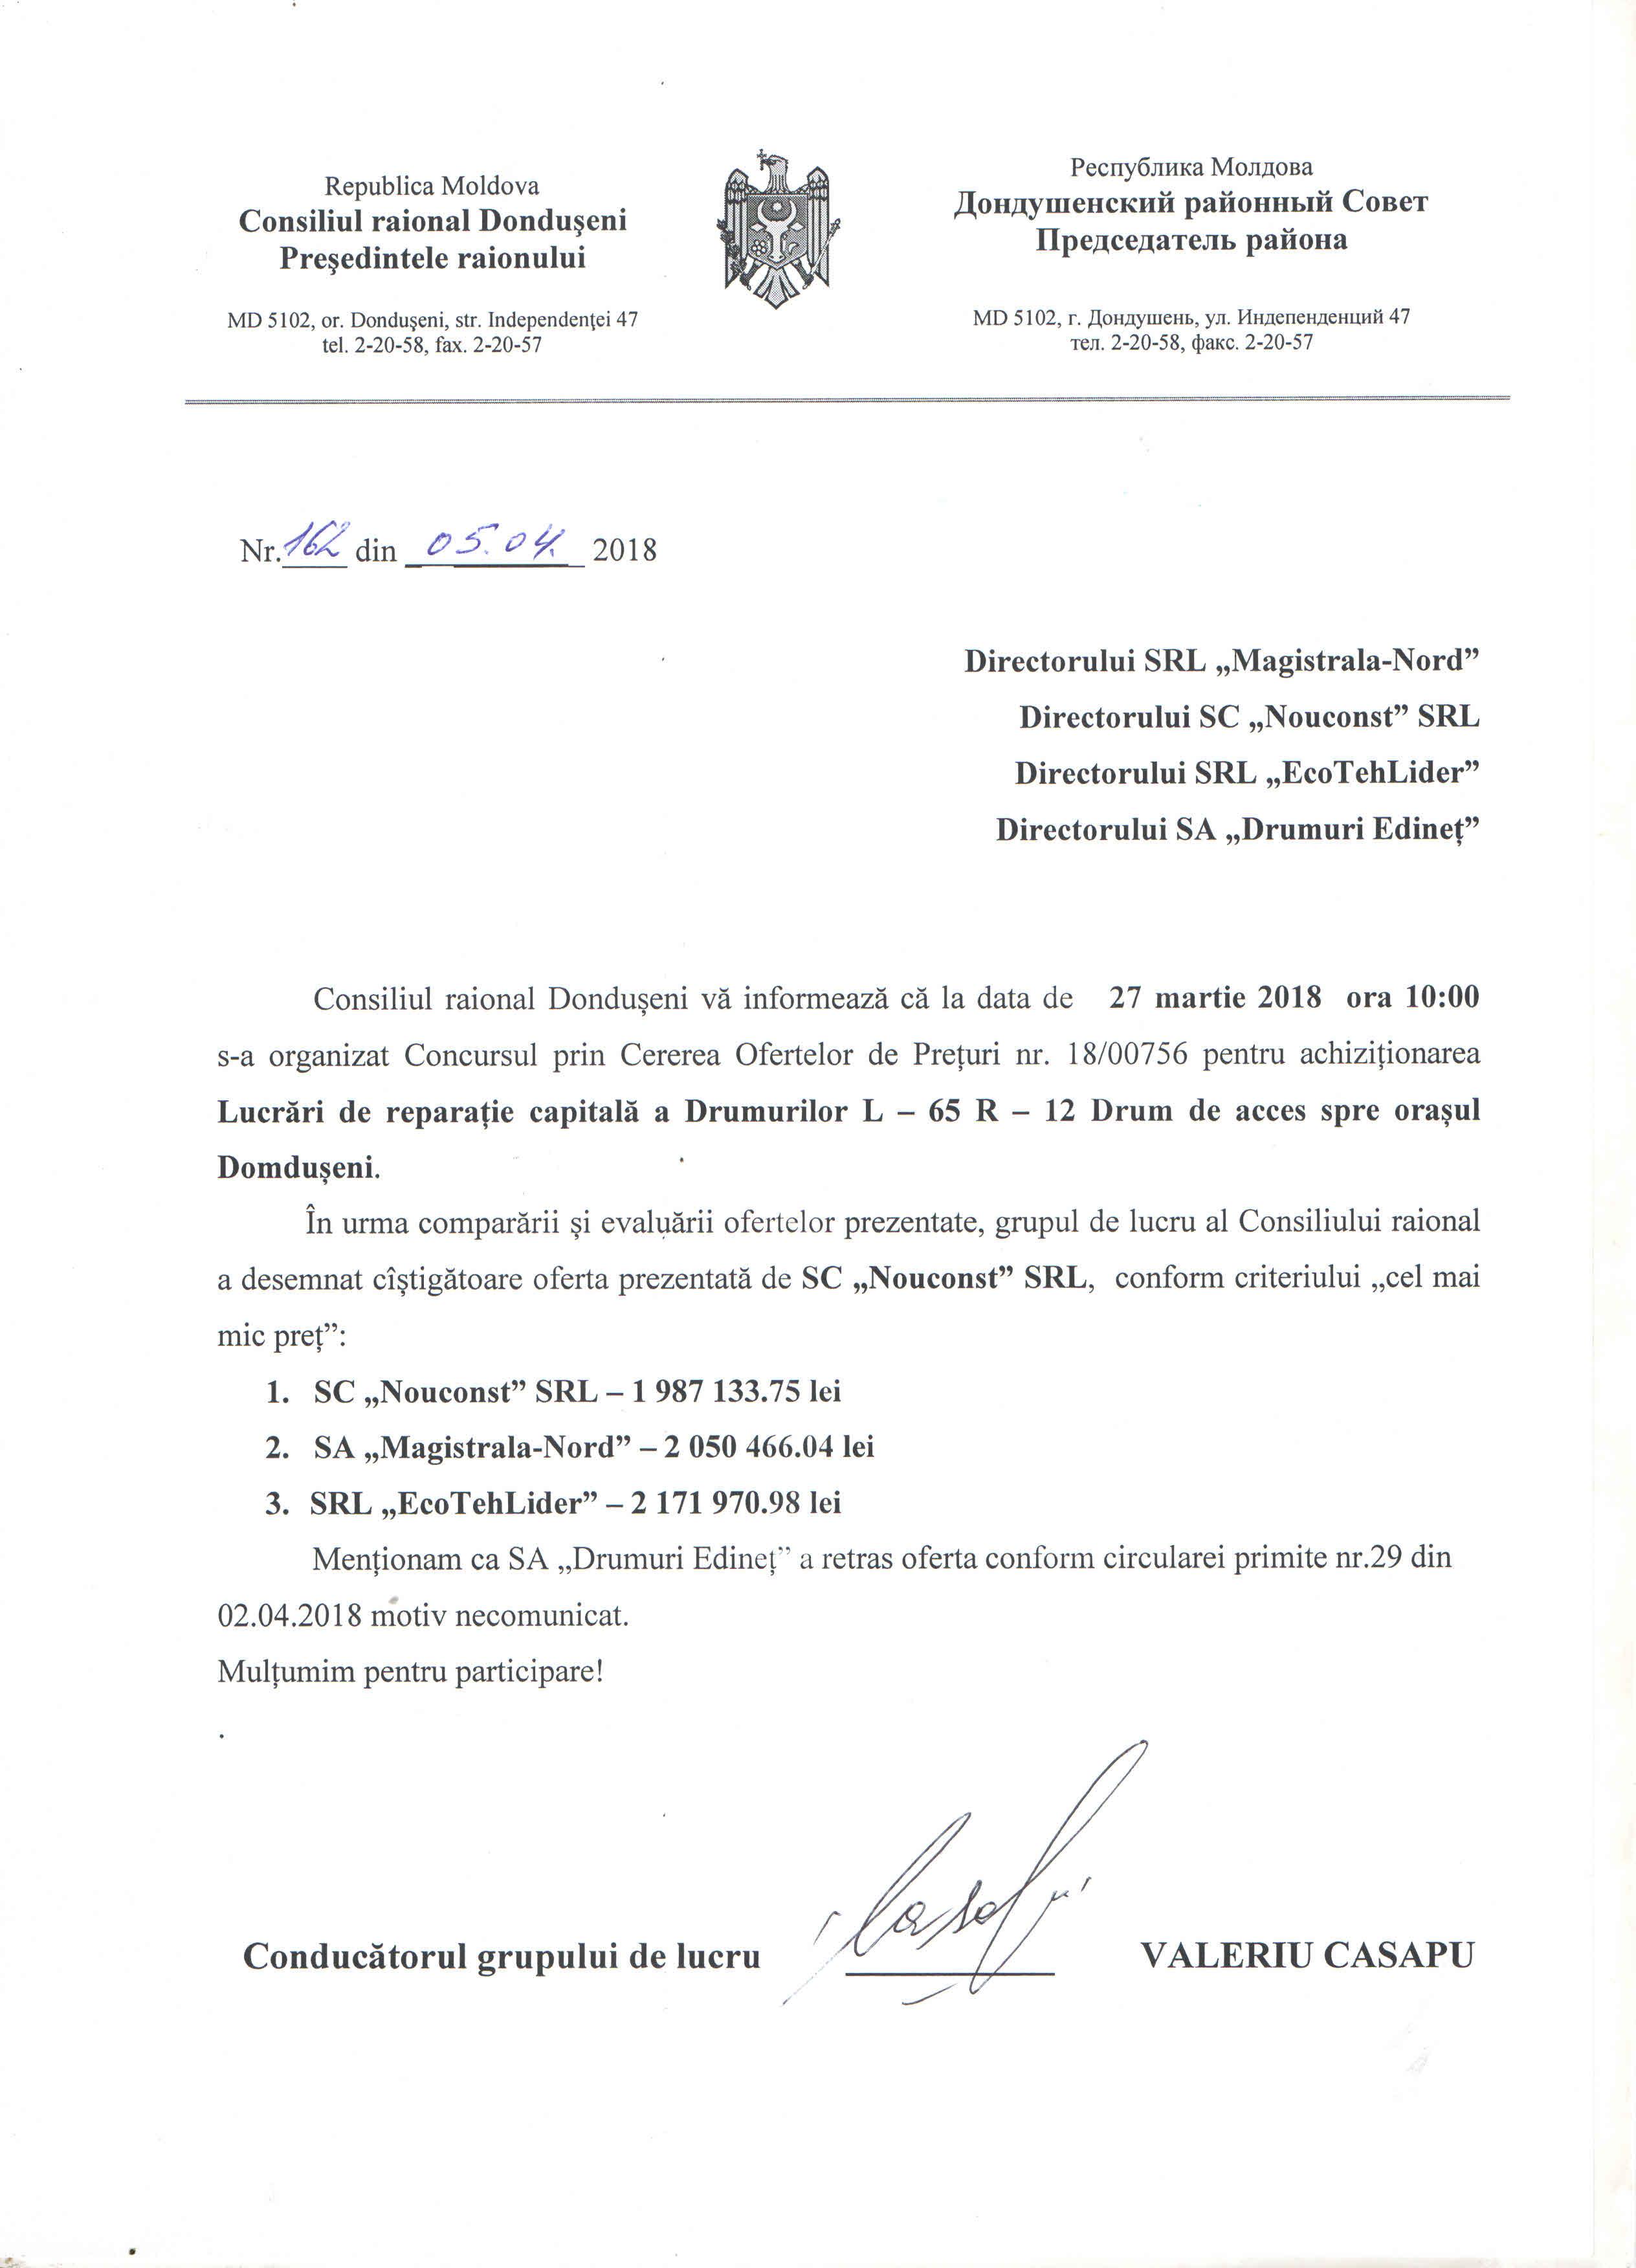 Rezultatele LP nr. 1800756 din 27.03.18 pentru achiziționarea Lucrări de reparație capitală a drumului L-65 R-12 Drum de acces spre or. Dondușeni